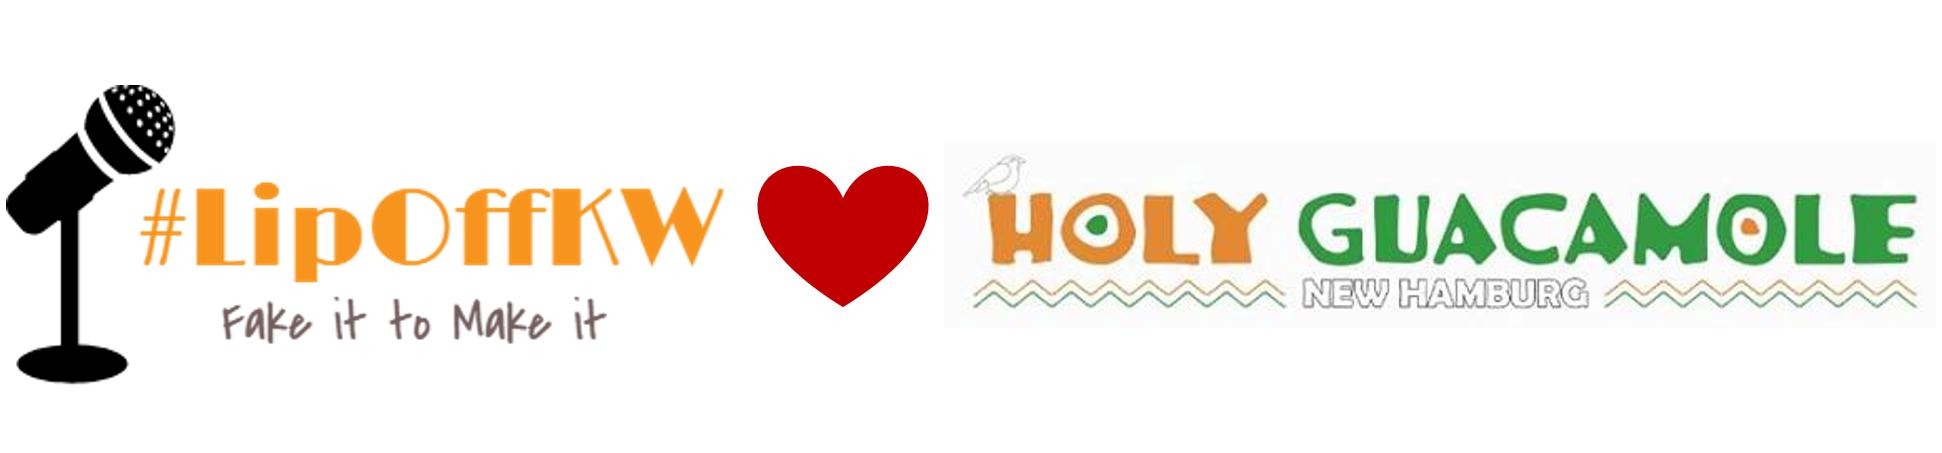 #LipOffKW hearts HG